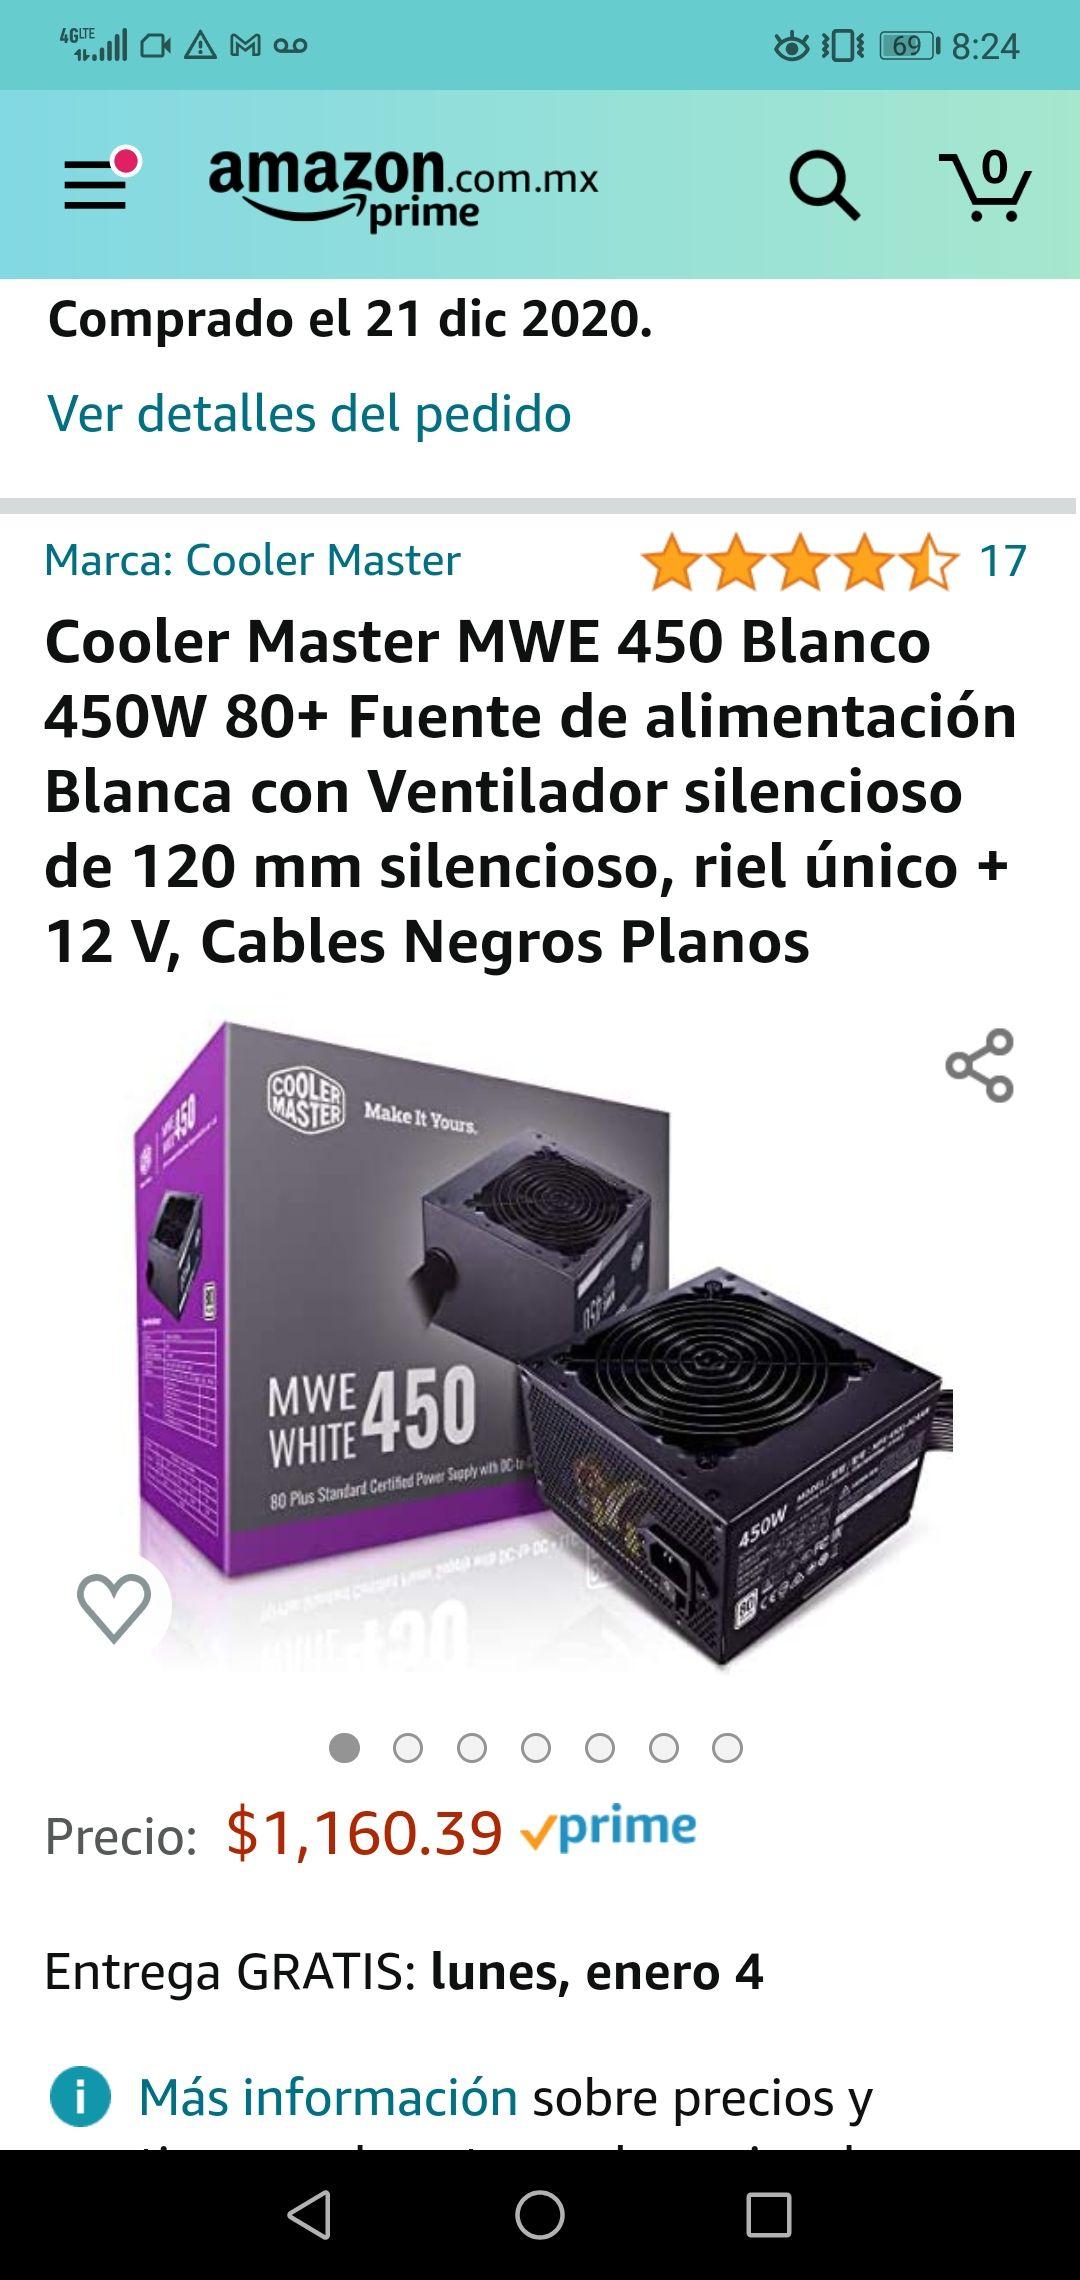 Amazon: Cooler Master MWE 450 Blanco 450W 80+ Fuente de alimentación Blanca con Ventilador silencioso de 120 mm silencioso